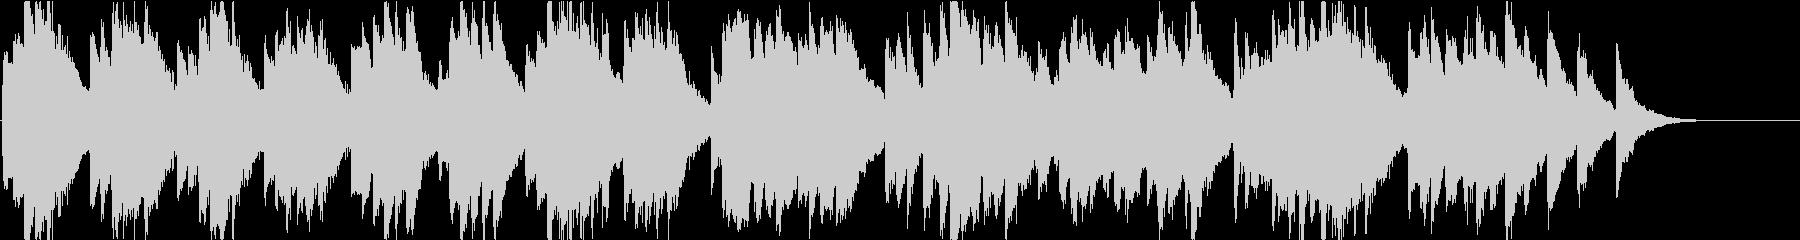 時報・チャイム風の名曲のメロディ・12の未再生の波形